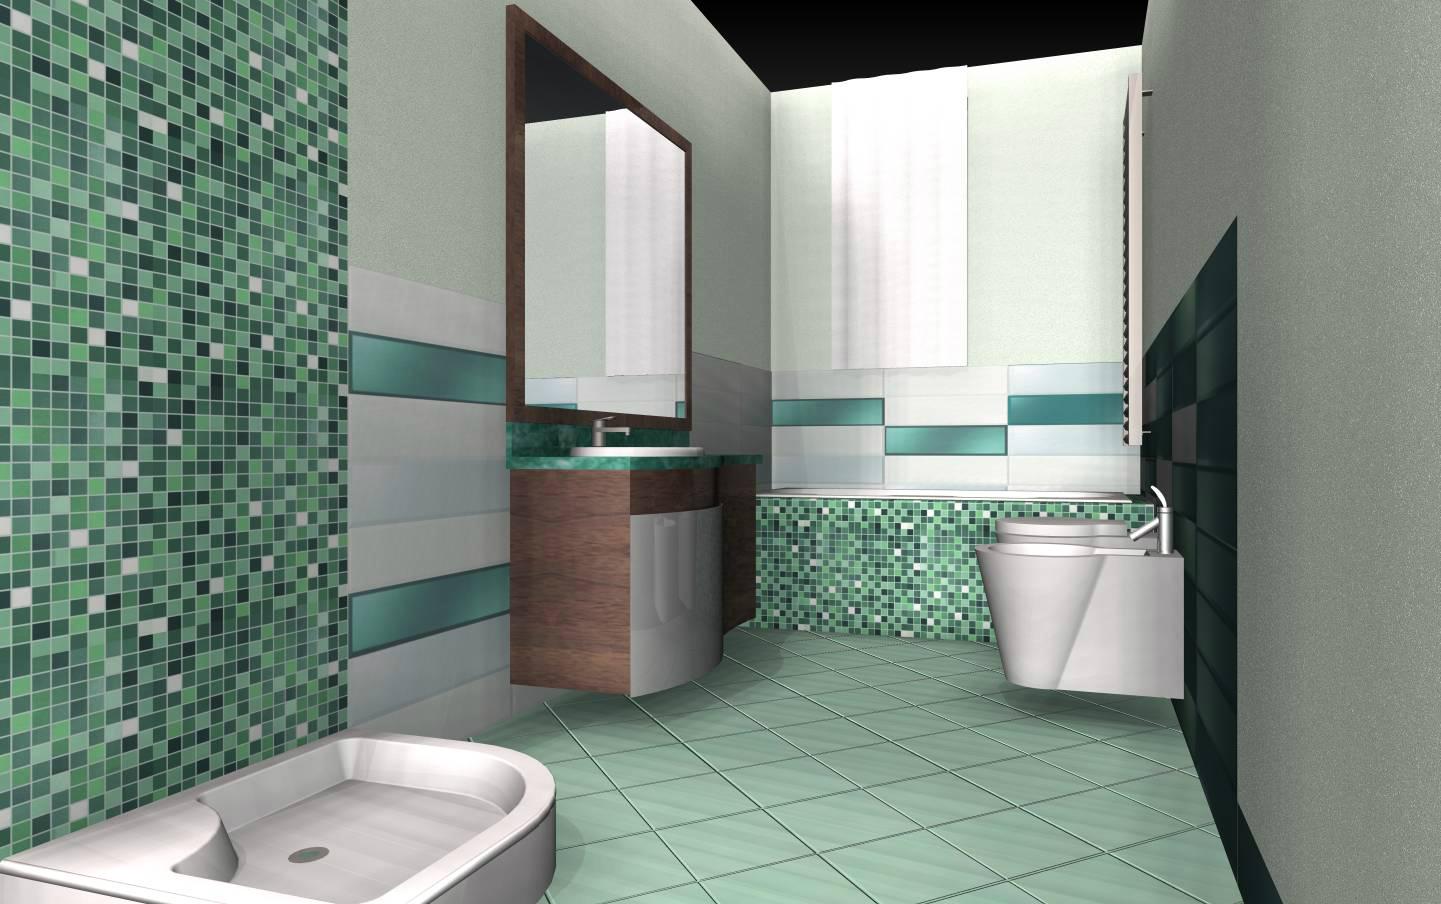 Bagni e soggiorno con boiserie in legno architetto facile - Bagno con boiserie ...